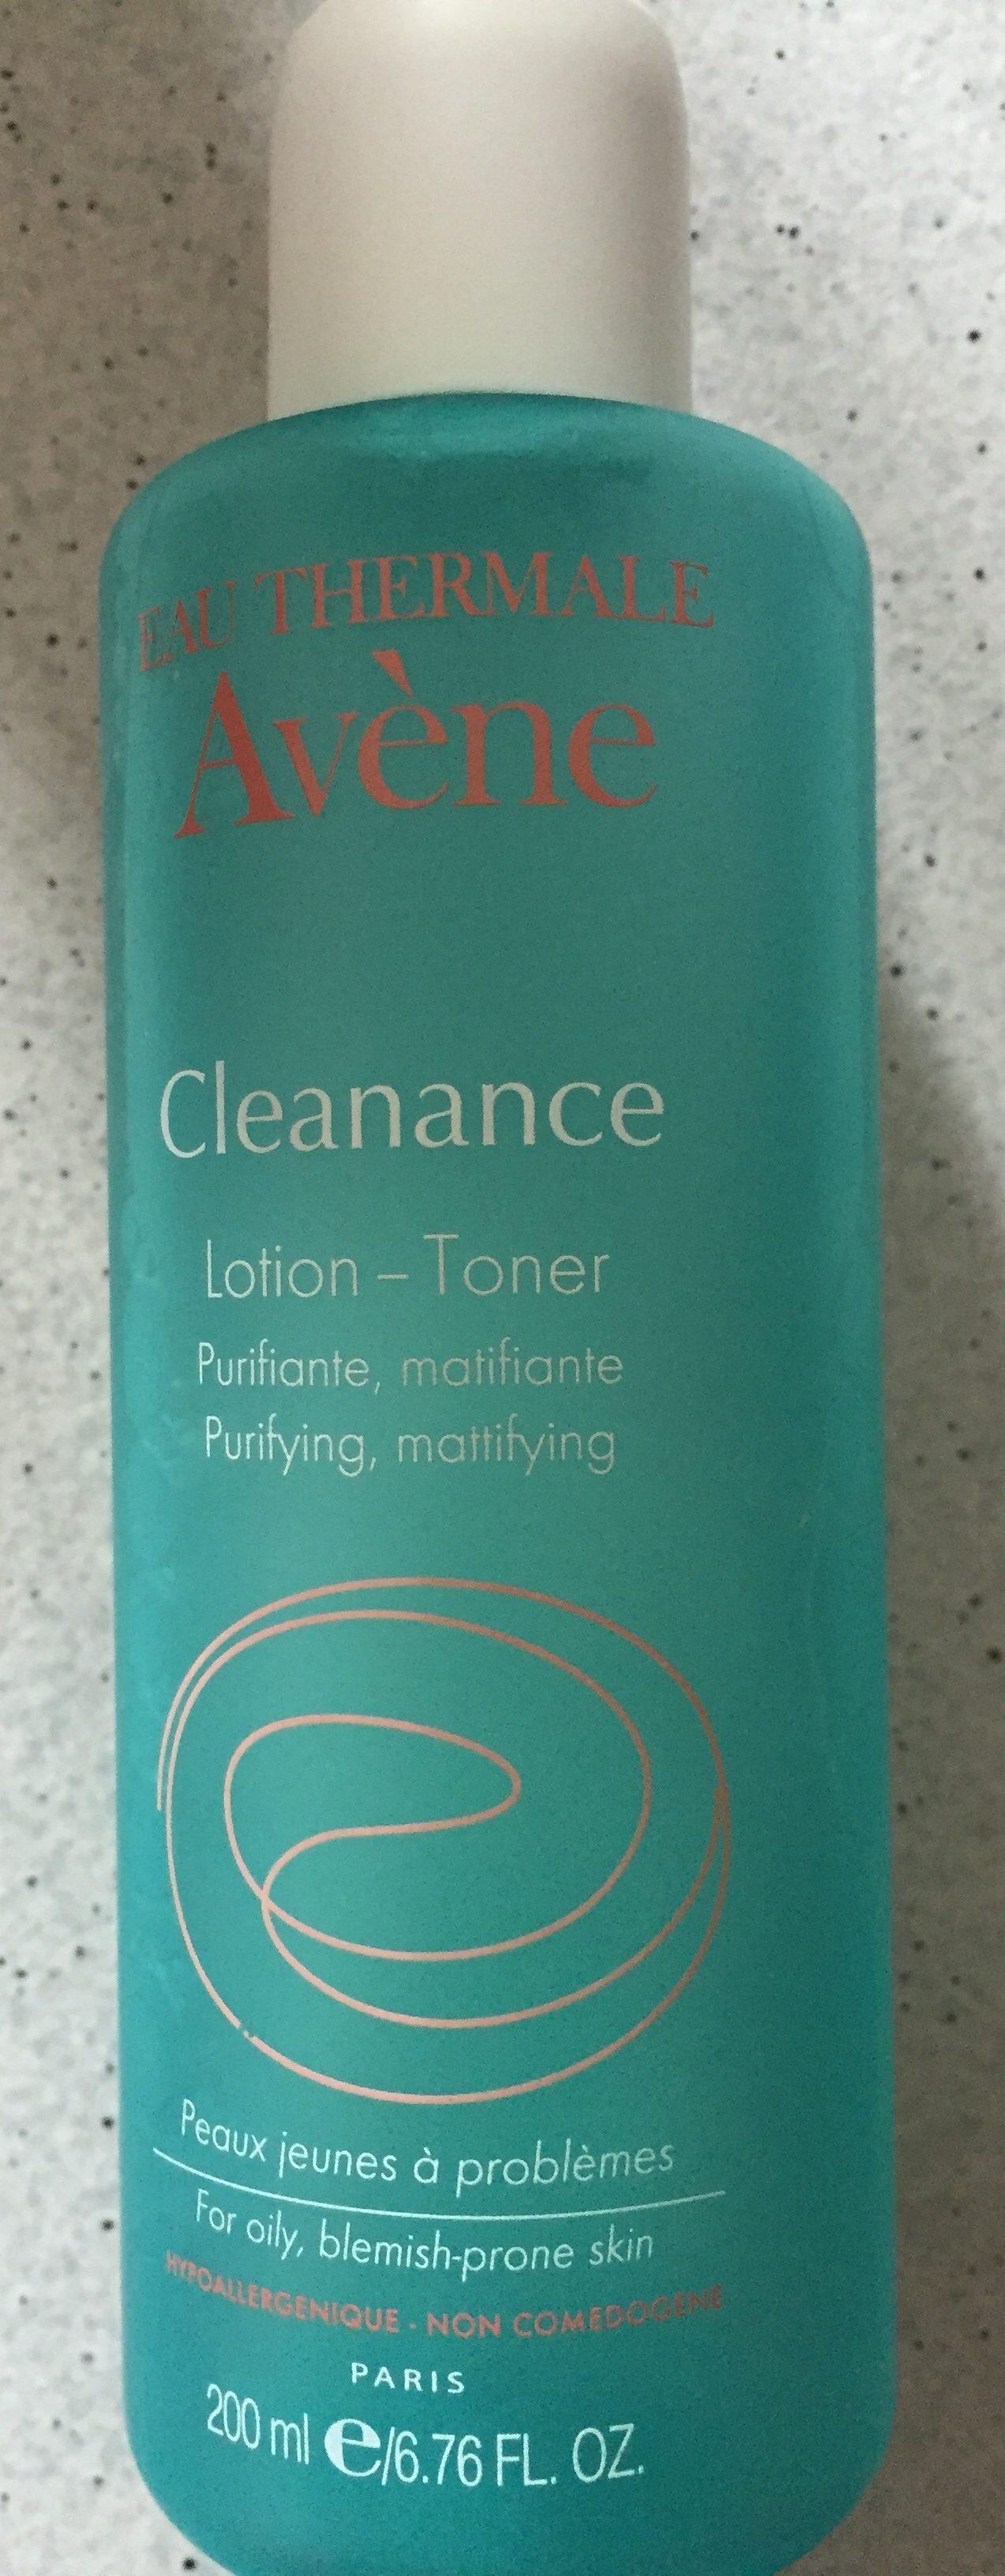 Cleanance Lotion purifiante peaux jeunes à problèmes - Product - fr